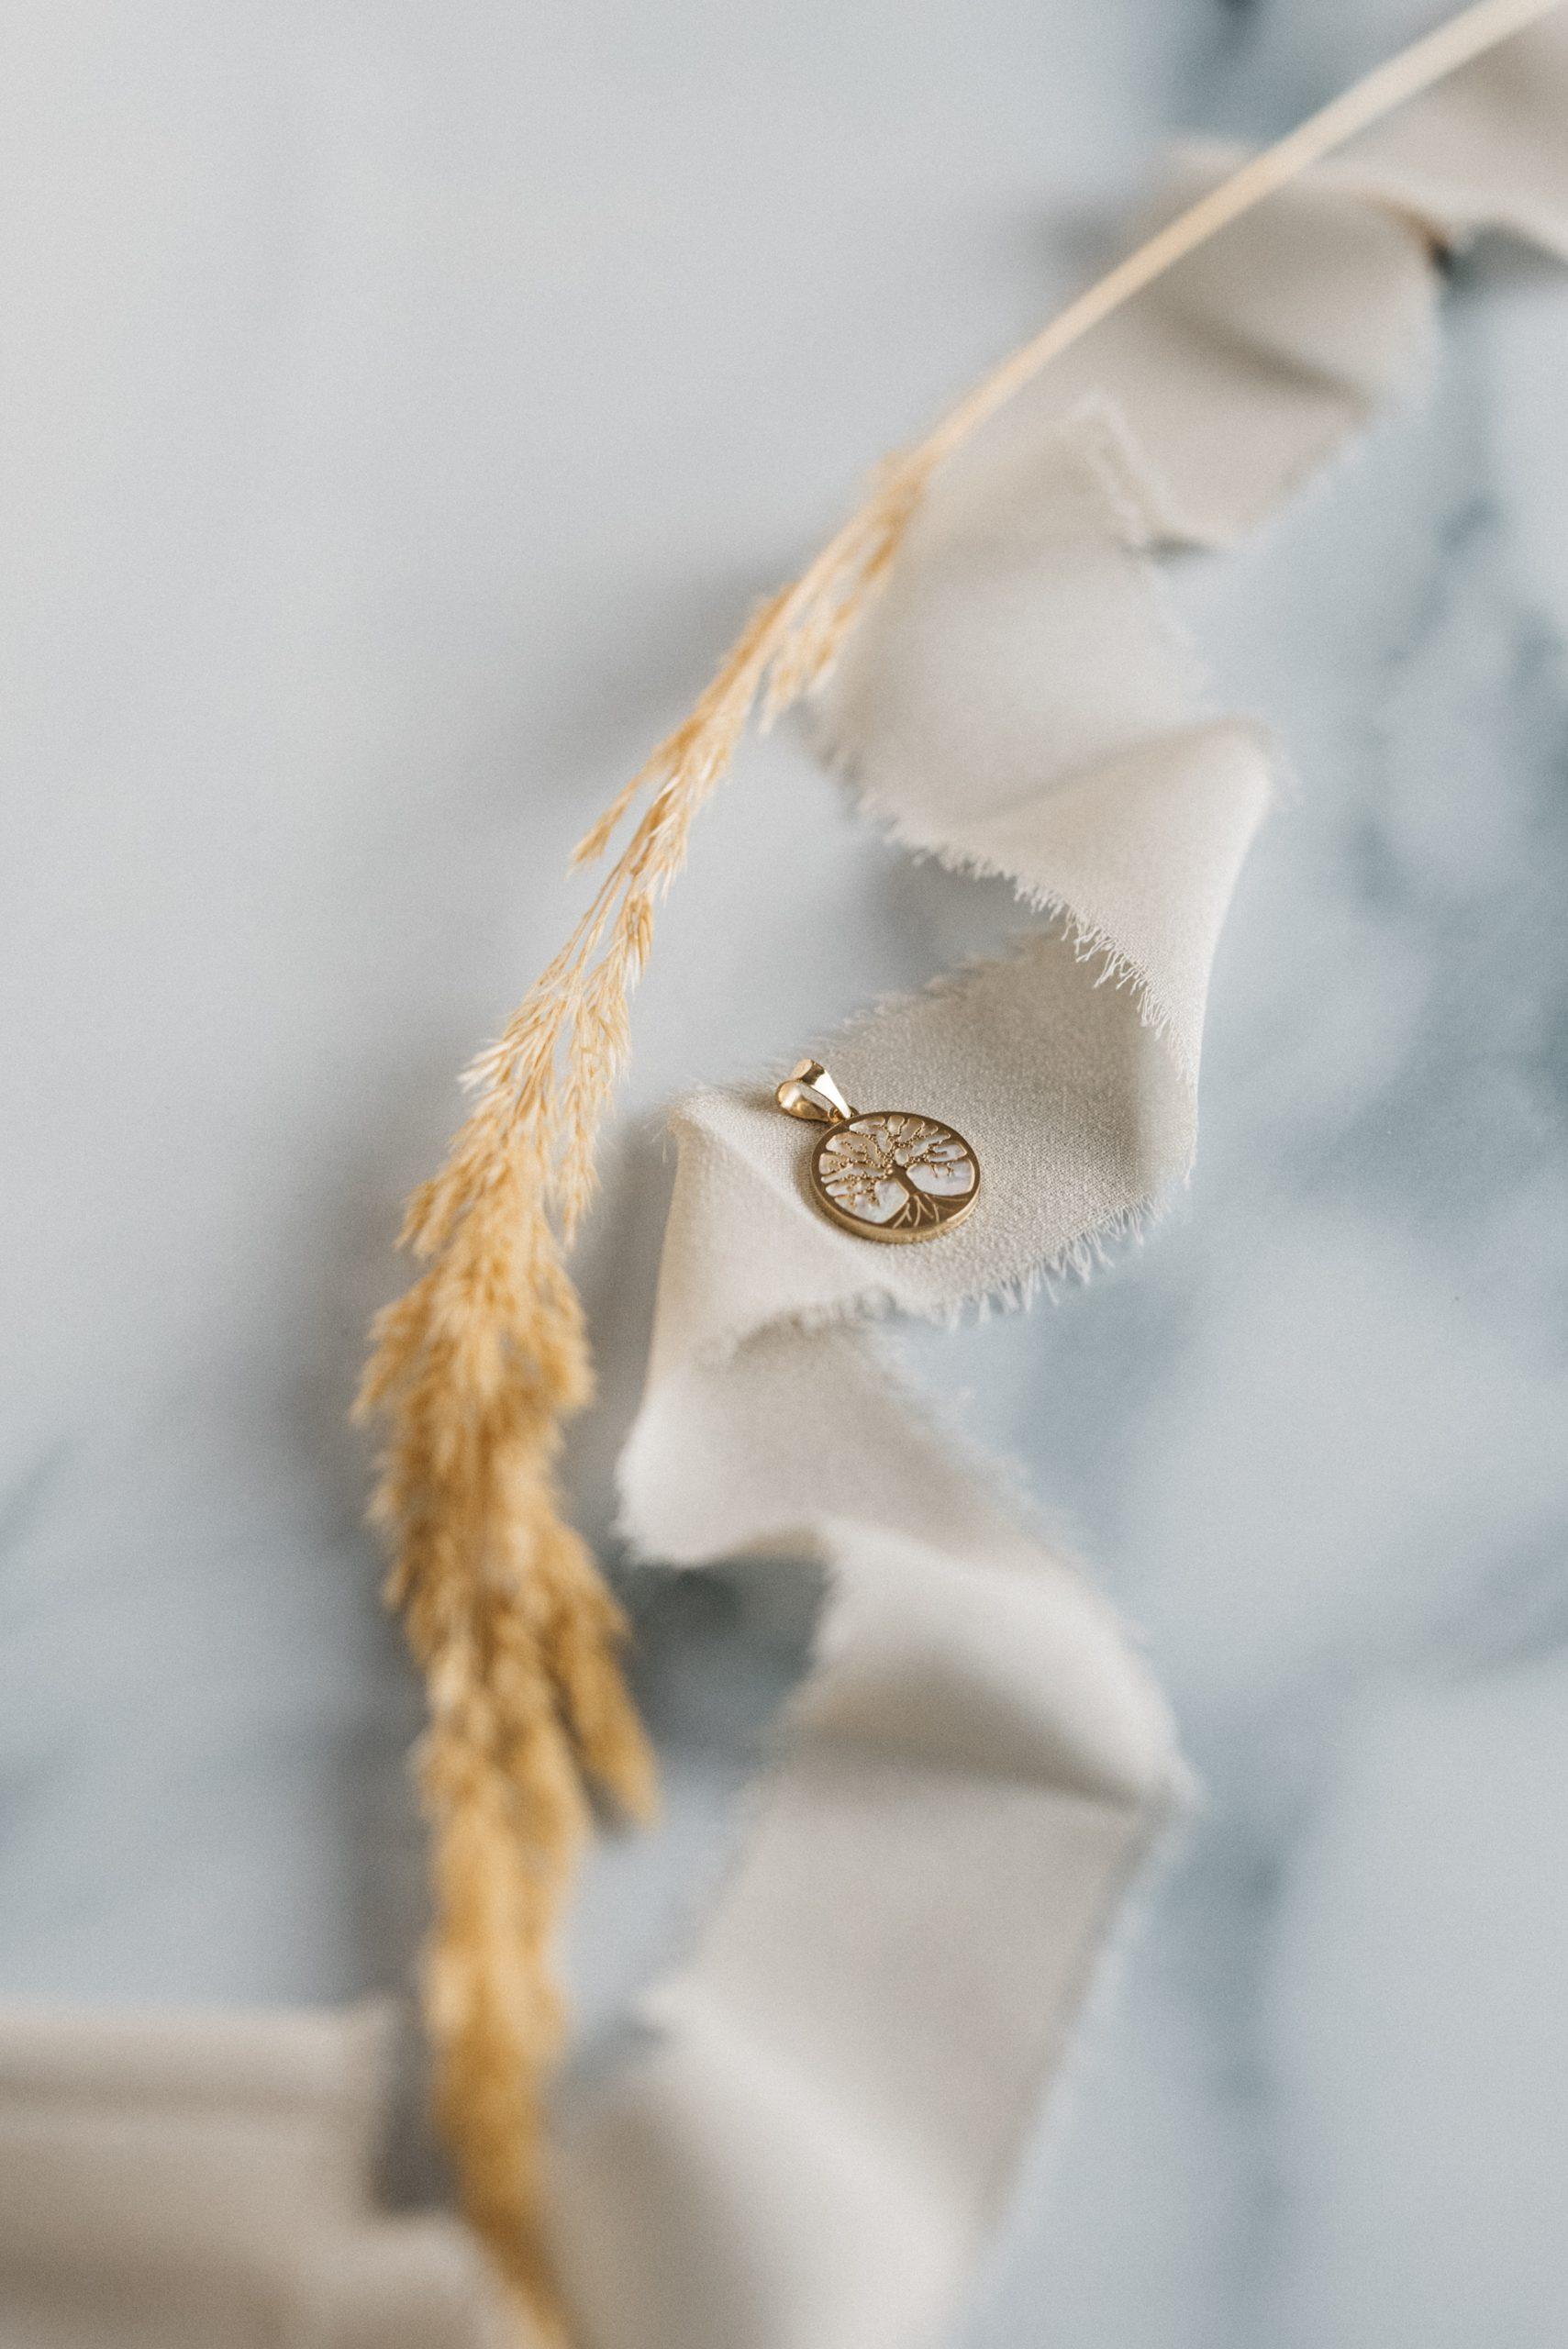 zawieszka drzewko złote na tle masy perłowej